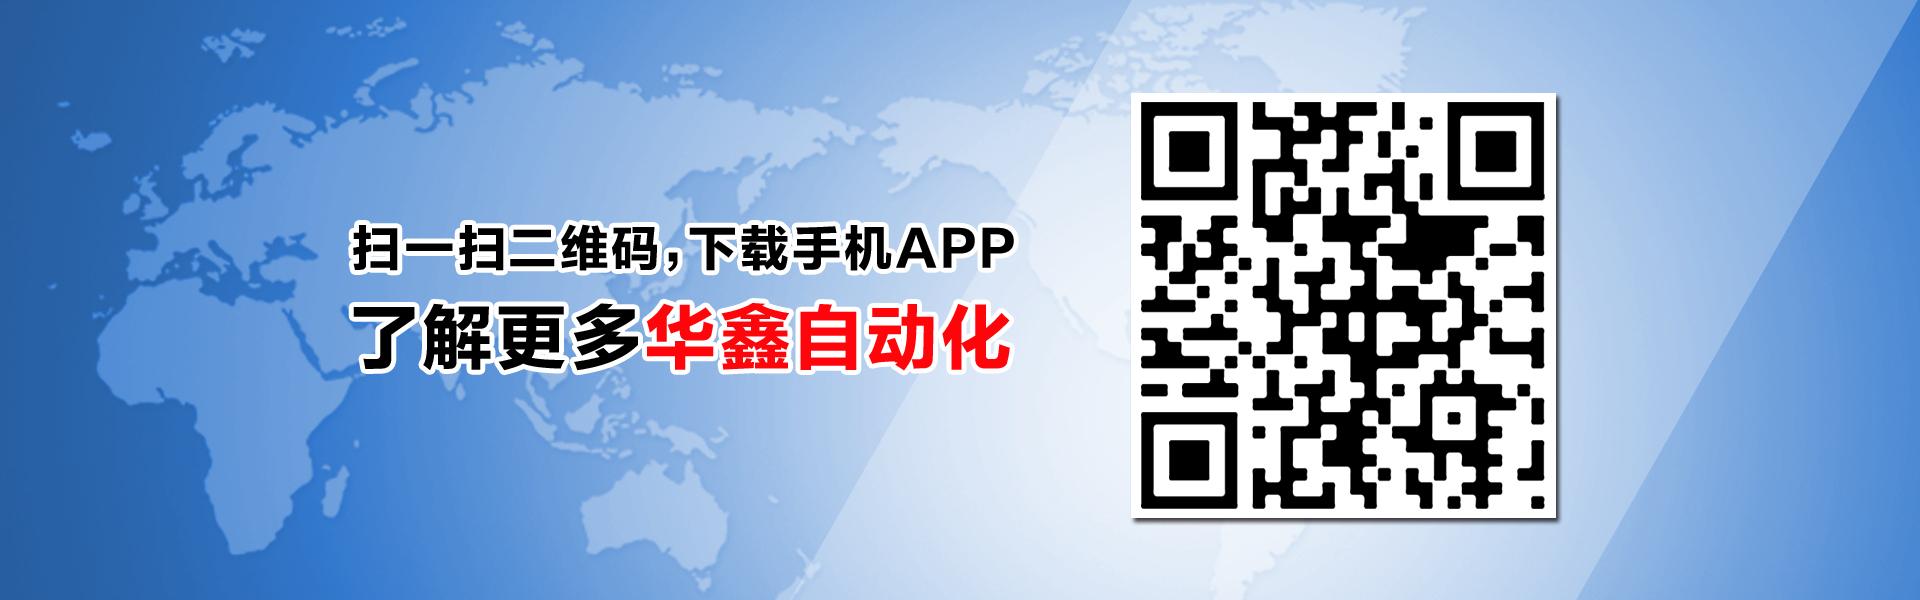 肇庆市华鑫自动化设备有限公司主营流延机、巴块切割机、等静压机、排胶炉、气氛烧结炉!